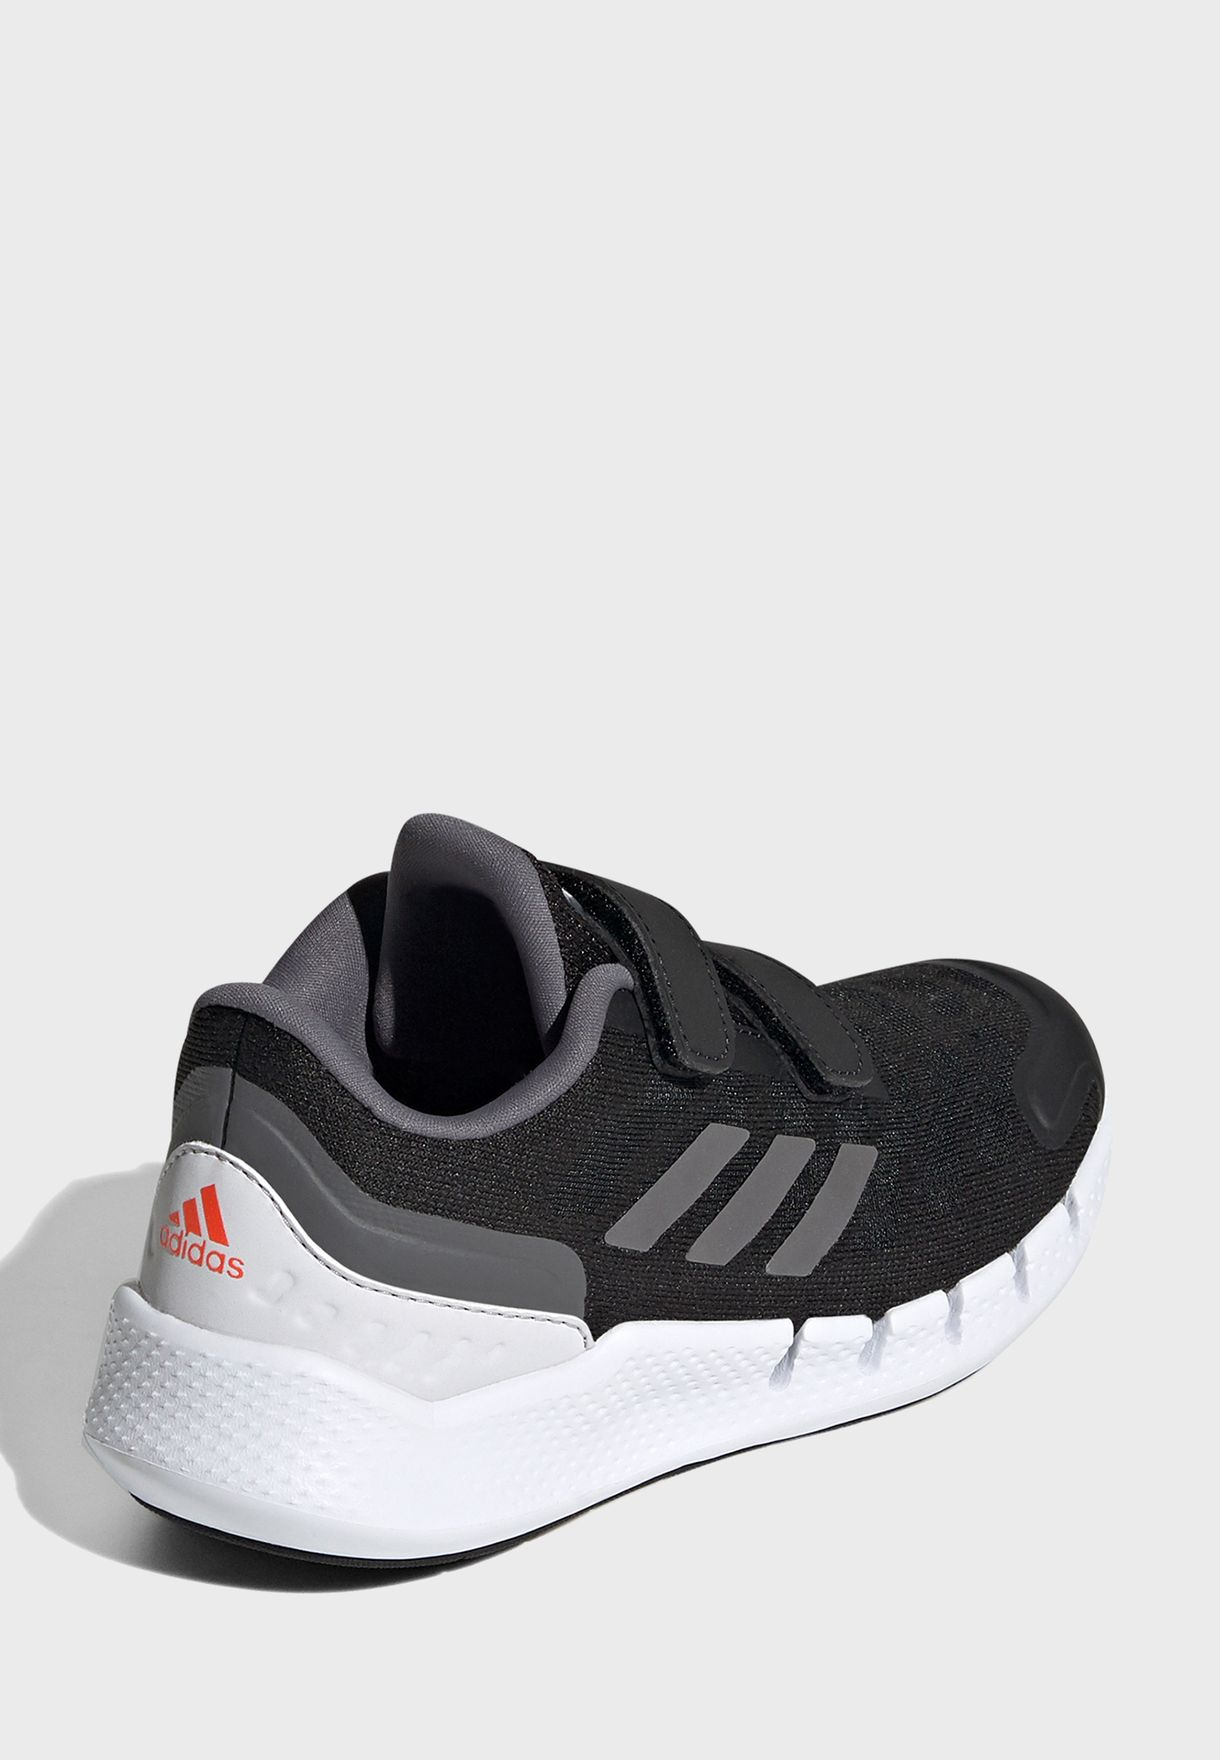 حذاء كليماكول فينتانيا